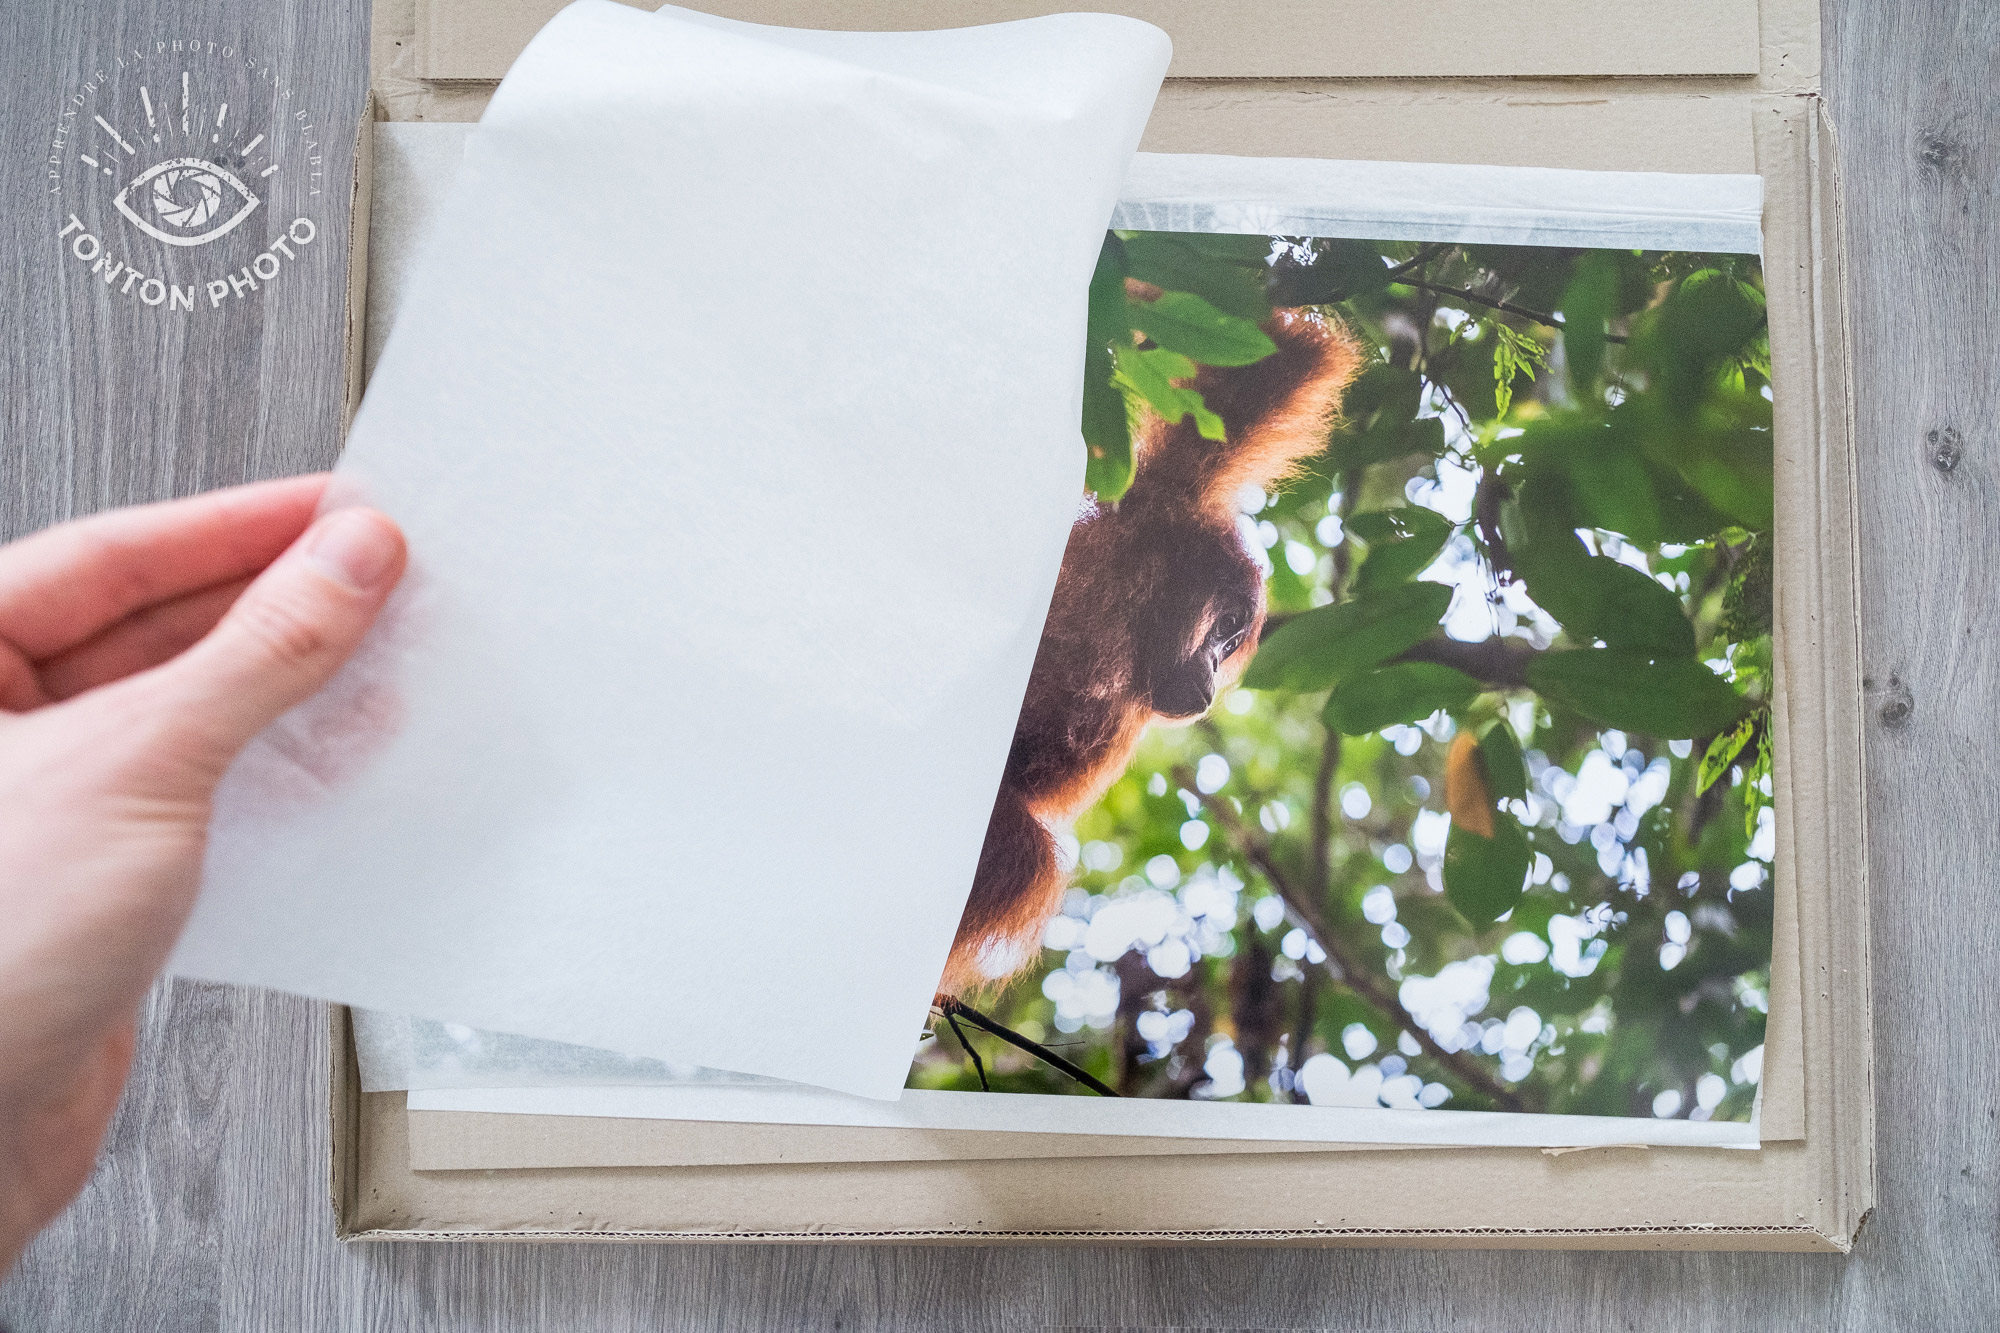 Test labophotos.fr : les tirages arrivent protégés dans 2 épaisseurs de carton et du papier de soie © Tonton Photo